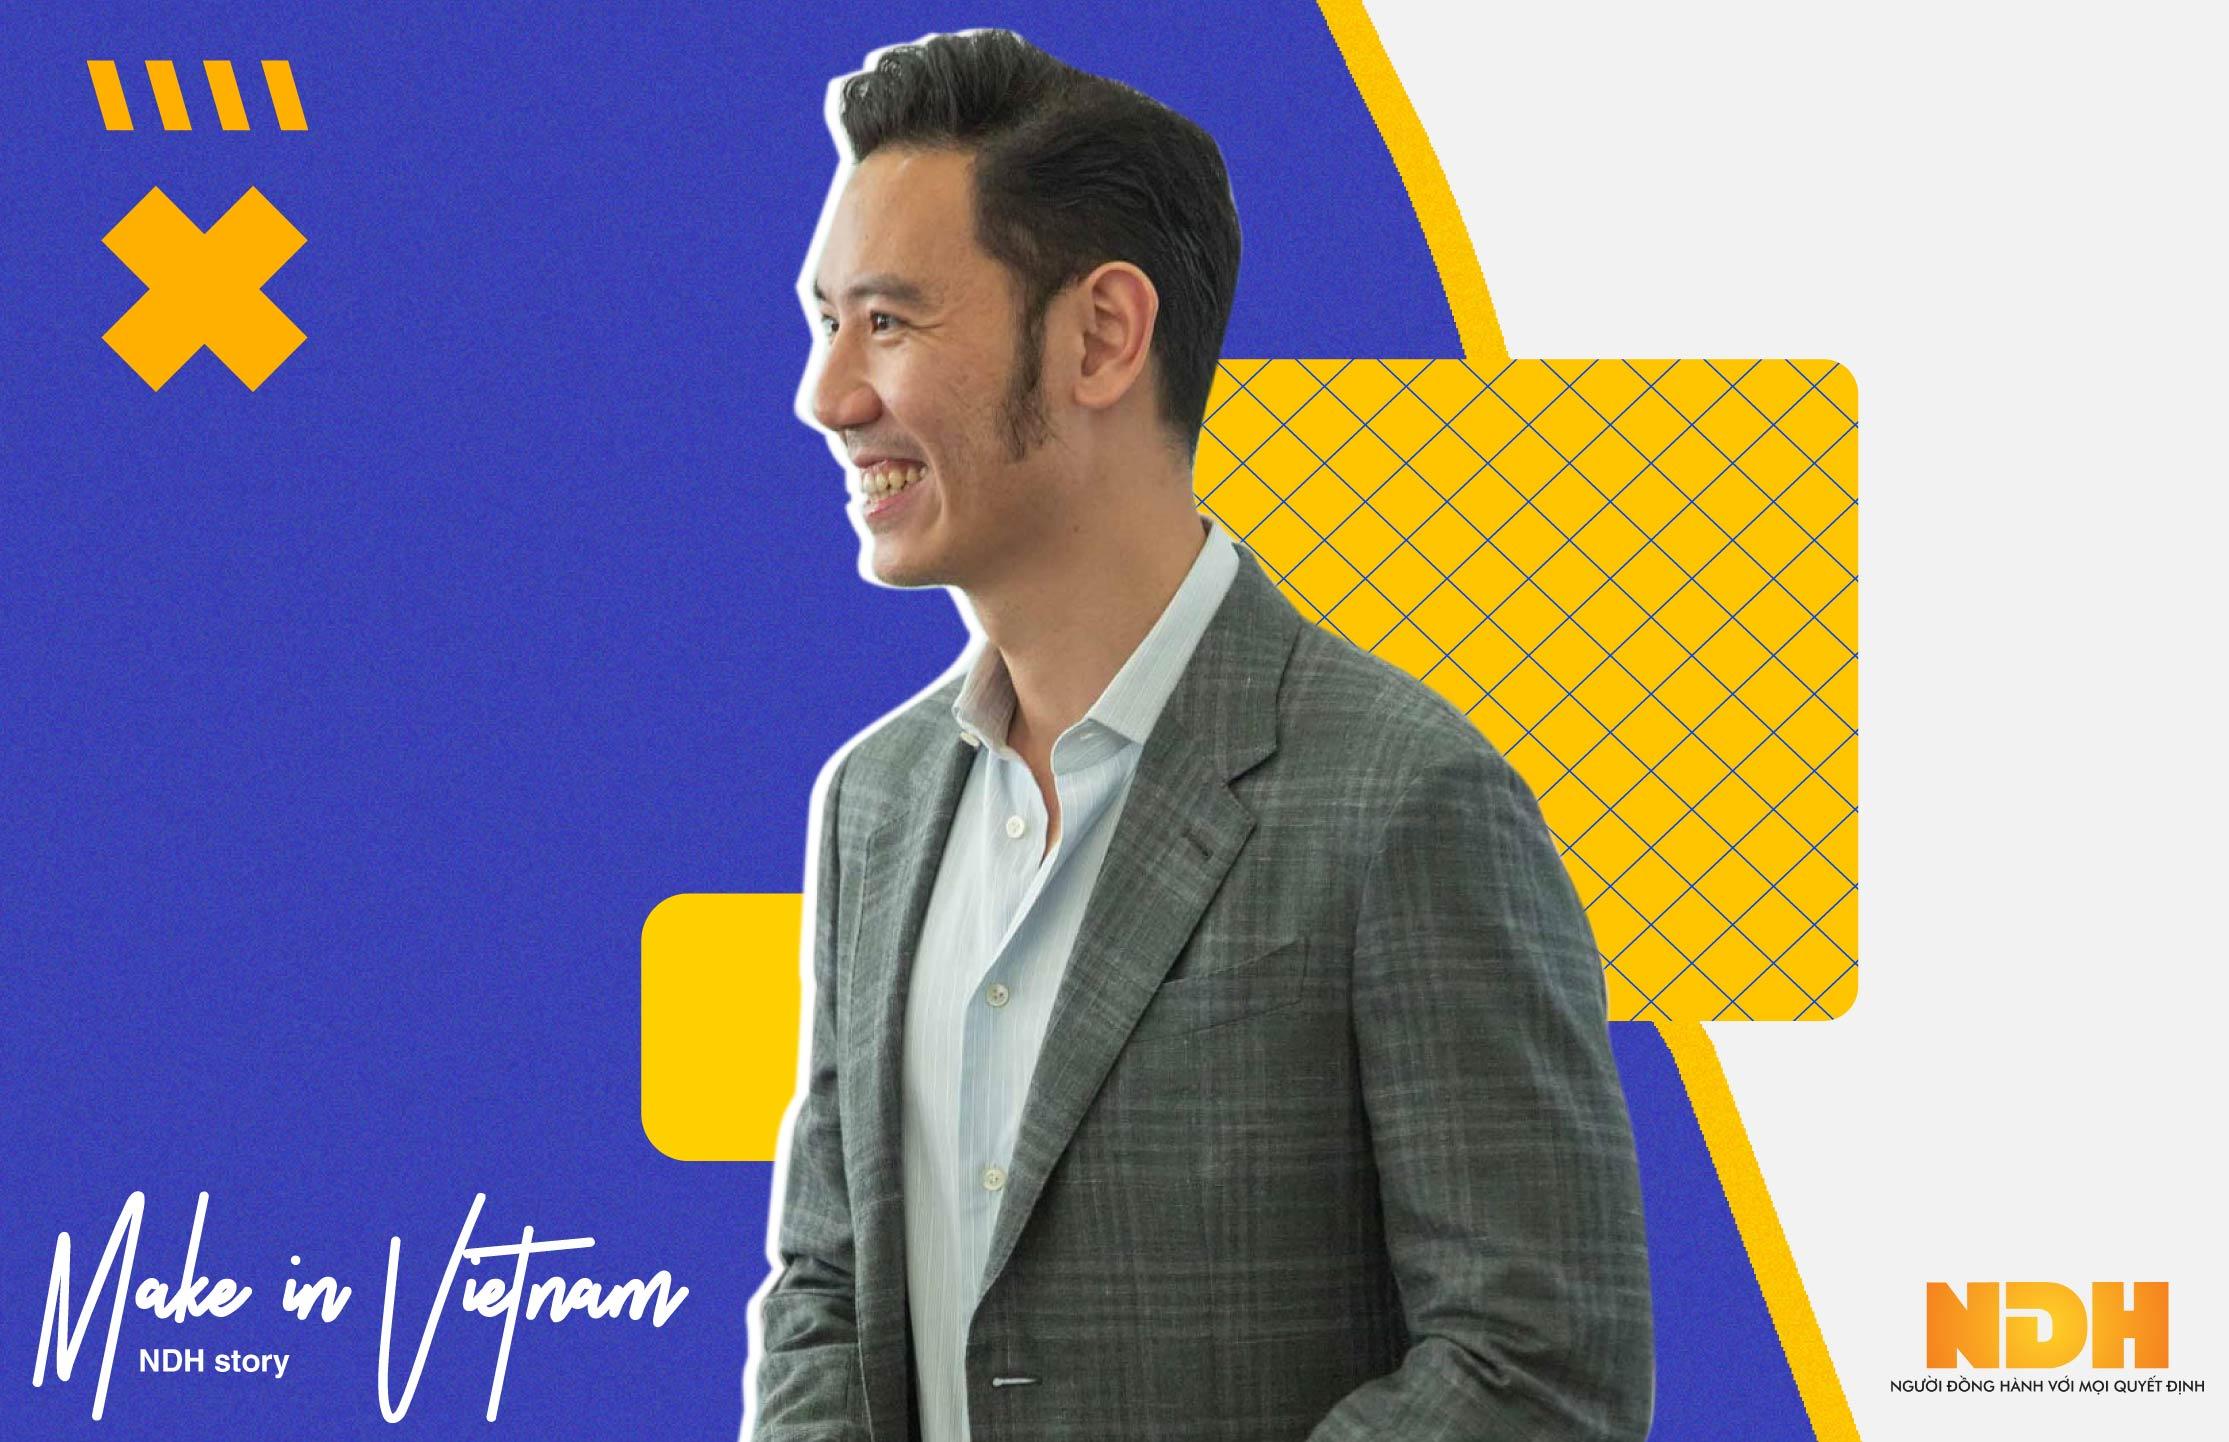 CEO Việt chế tạo robot tại Thung lũng Silicon: 'Tôi muốn làm cầu nối đưa những gì học được ở Mỹ về Việt Nam'